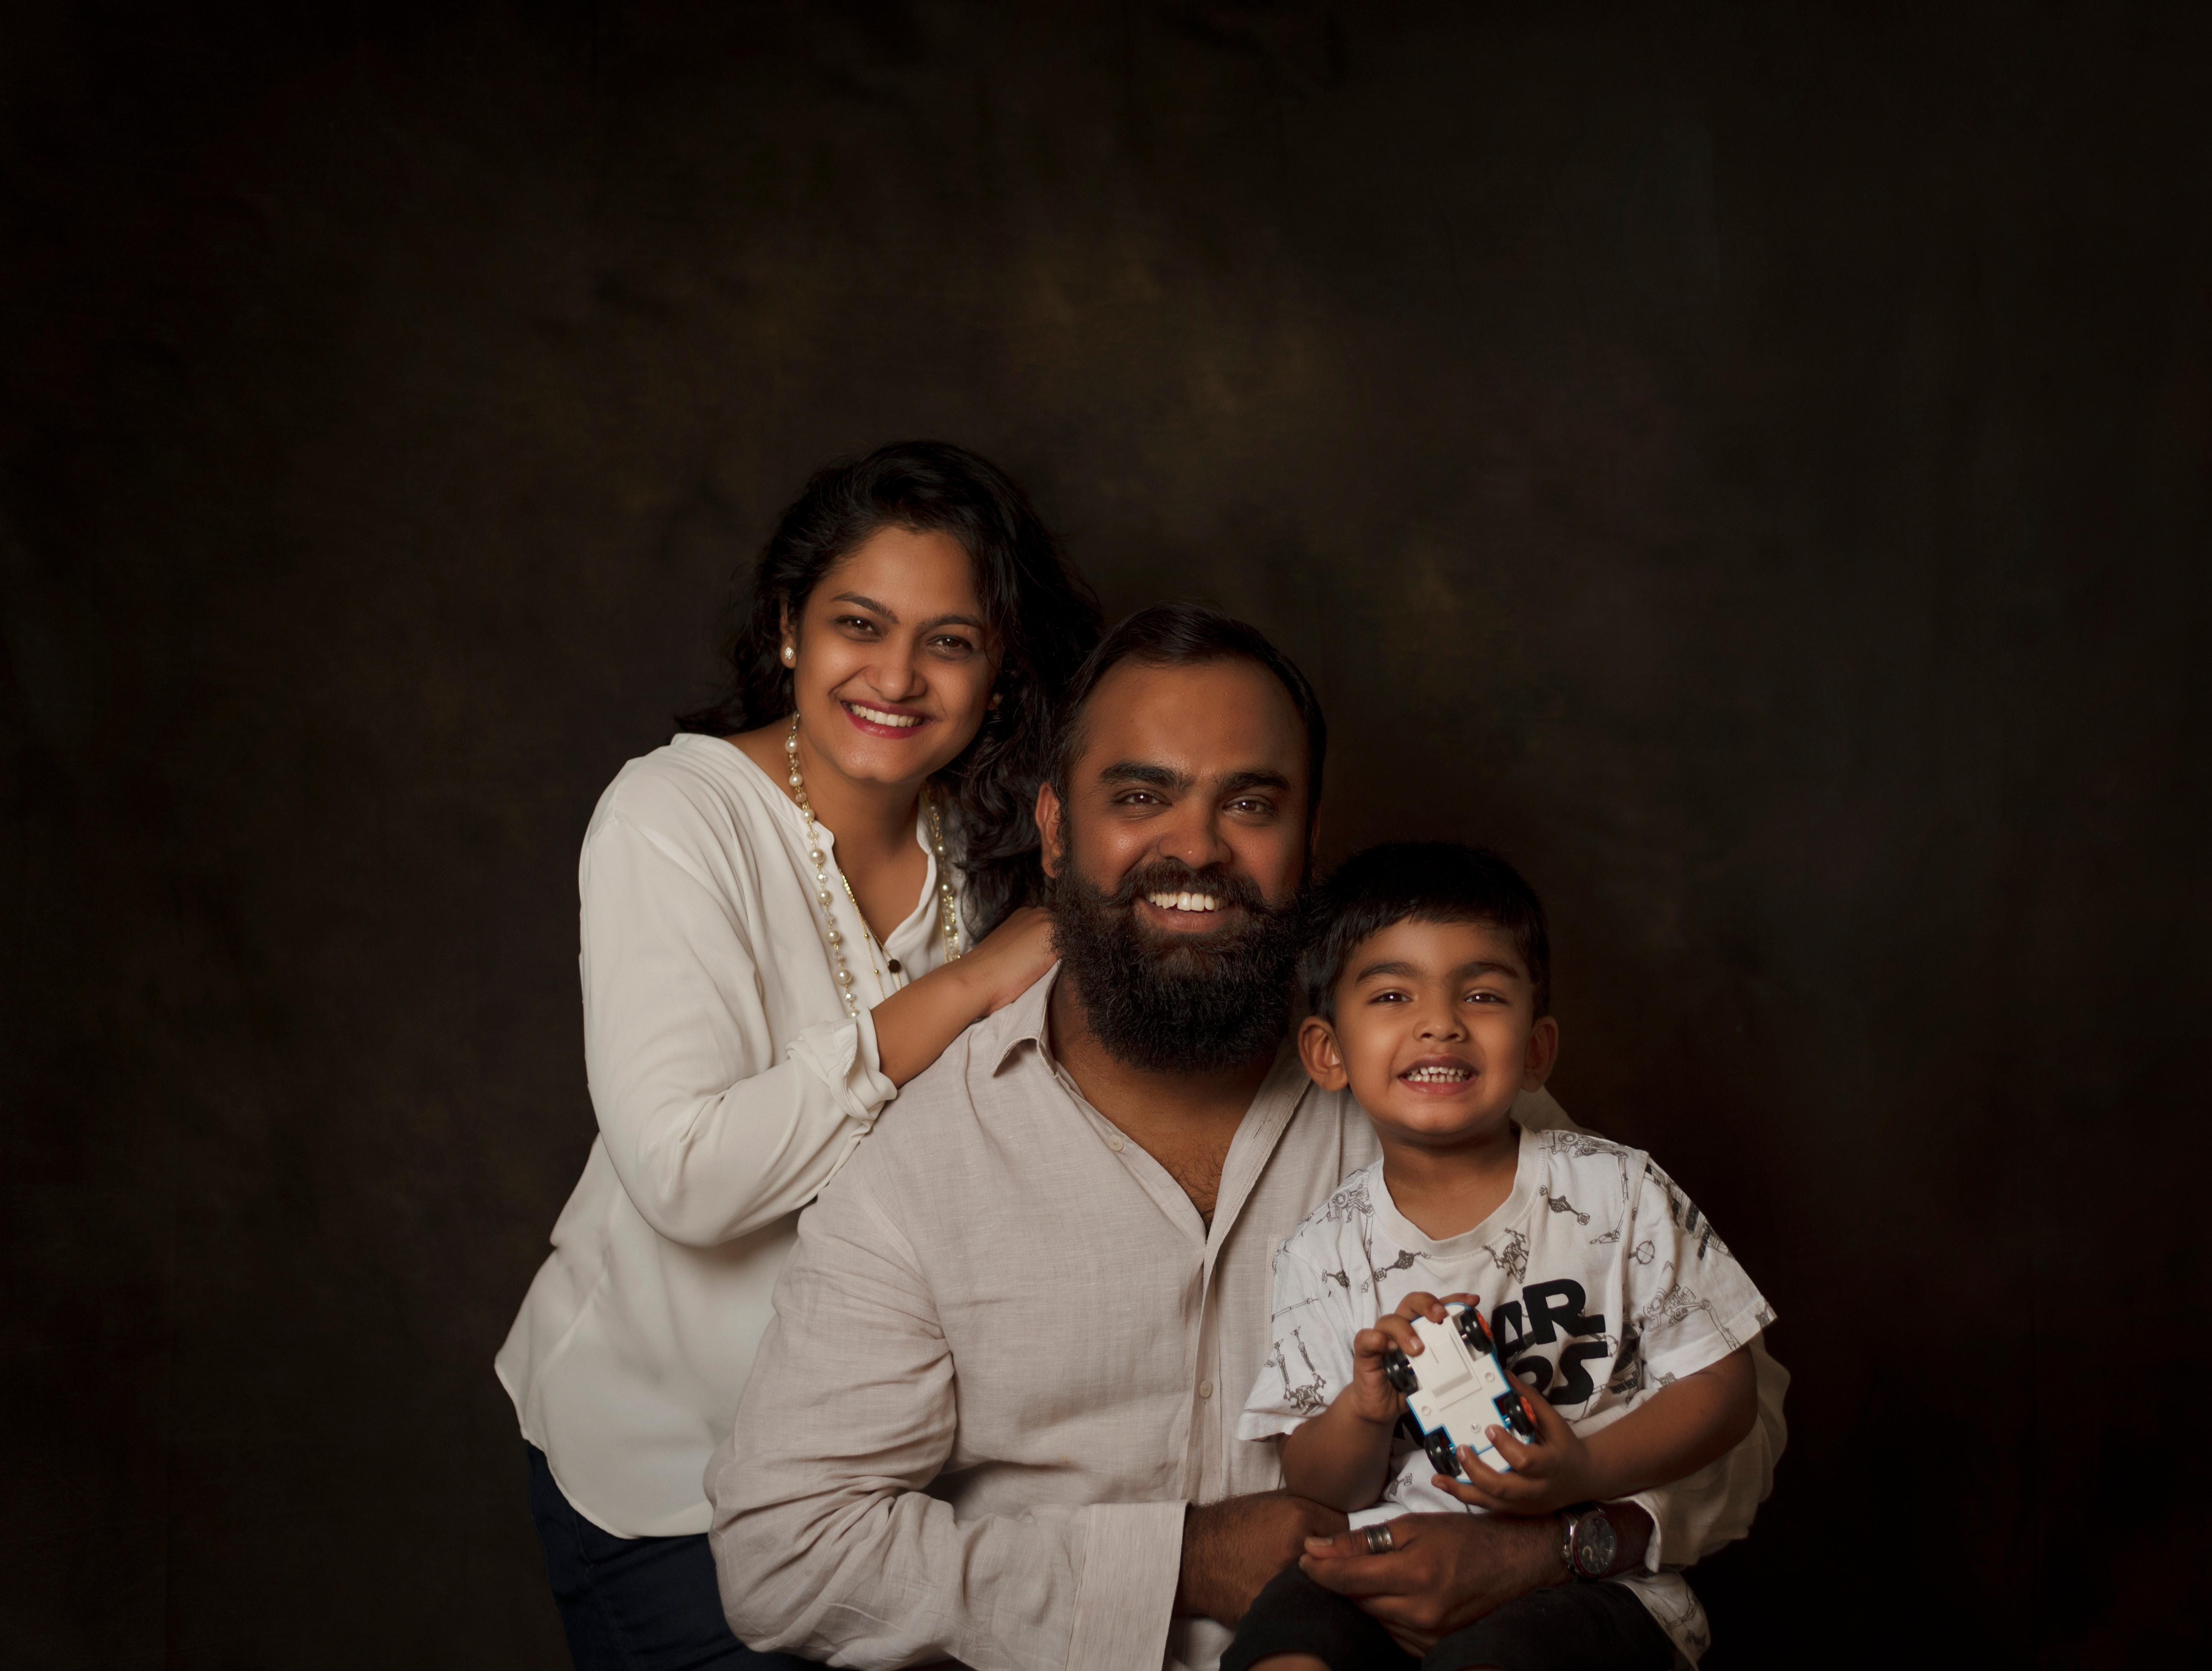 Family & Friends Photo-shoot